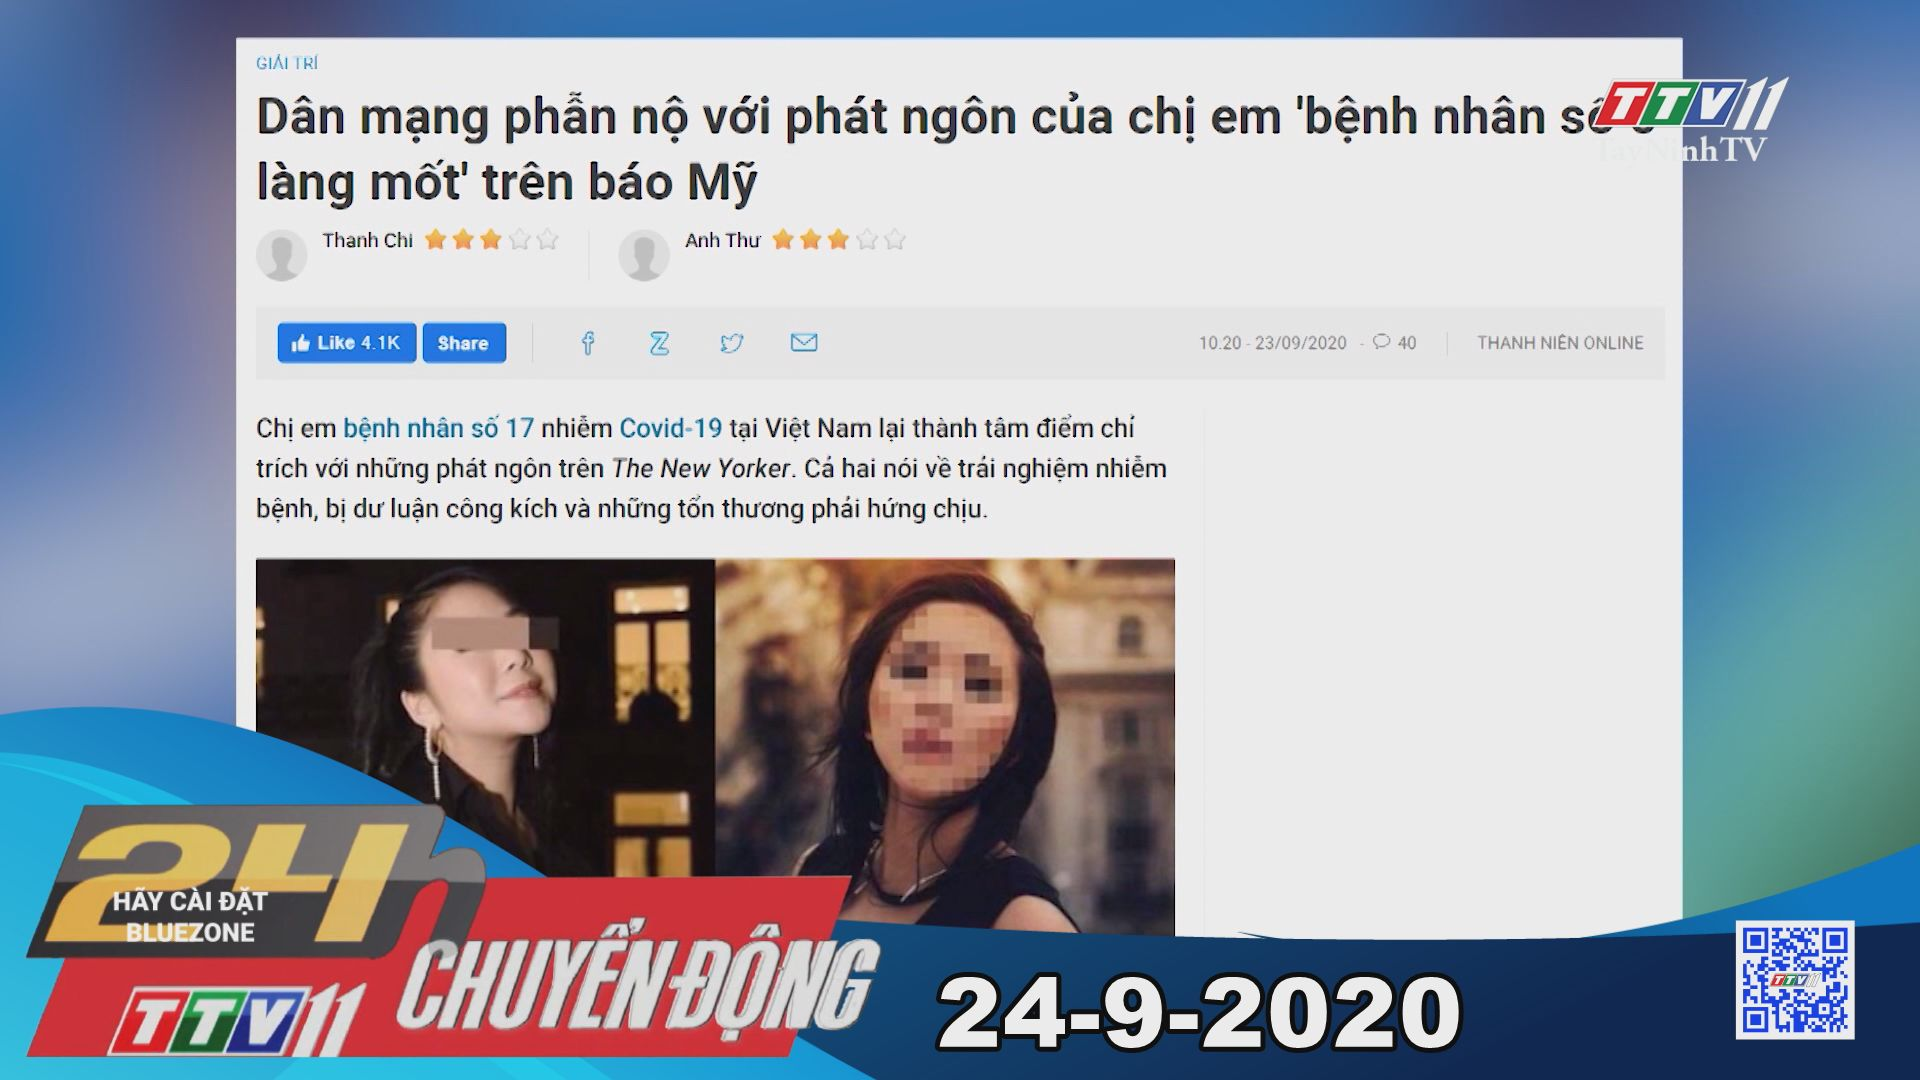 24h Chuyển động 24-9-2020 | Tin tức hôm nay | TayNinhTV